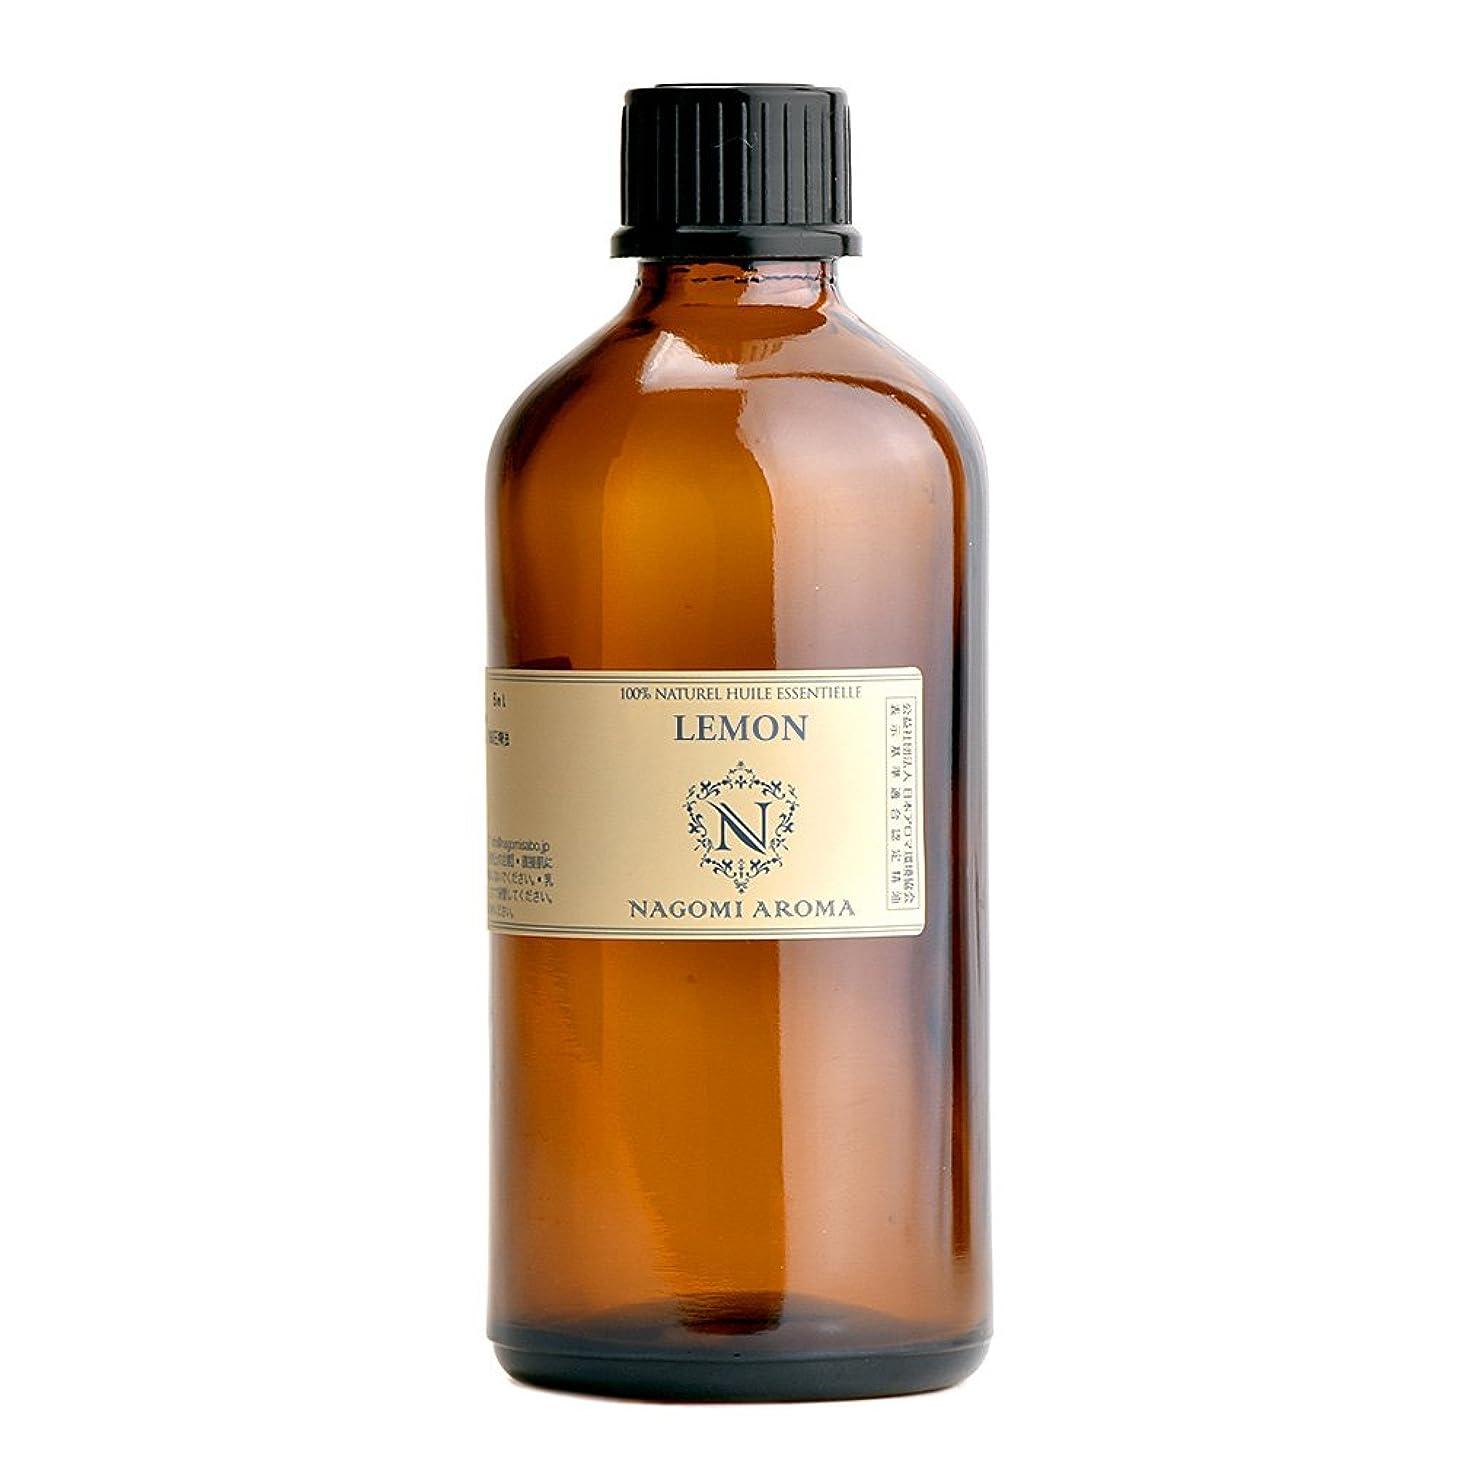 ポータブル六月流産NAGOMI AROMA レモン 100ml 【AEAJ認定精油】【アロマオイル】